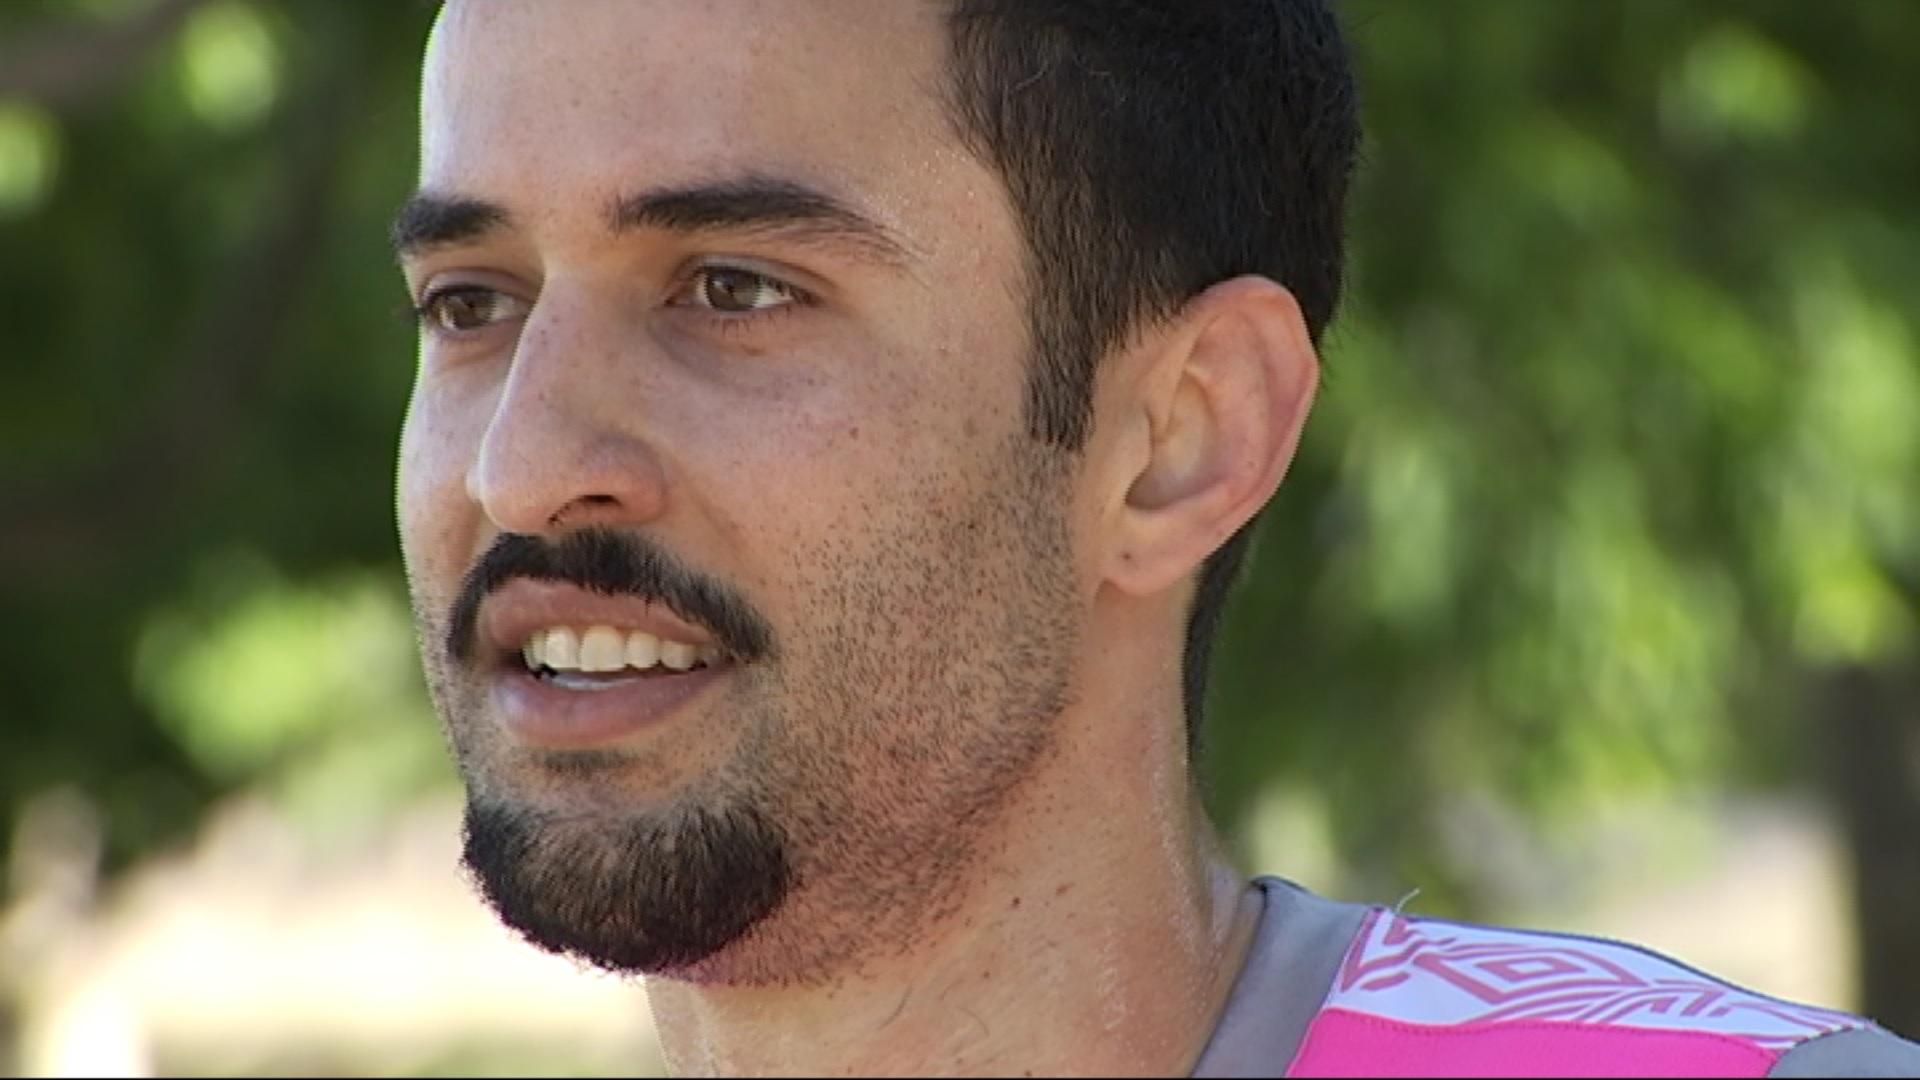 Els+jugadors+del+Palma+Futsal+s%C3%AD+que+volen+tornar+a+jugar